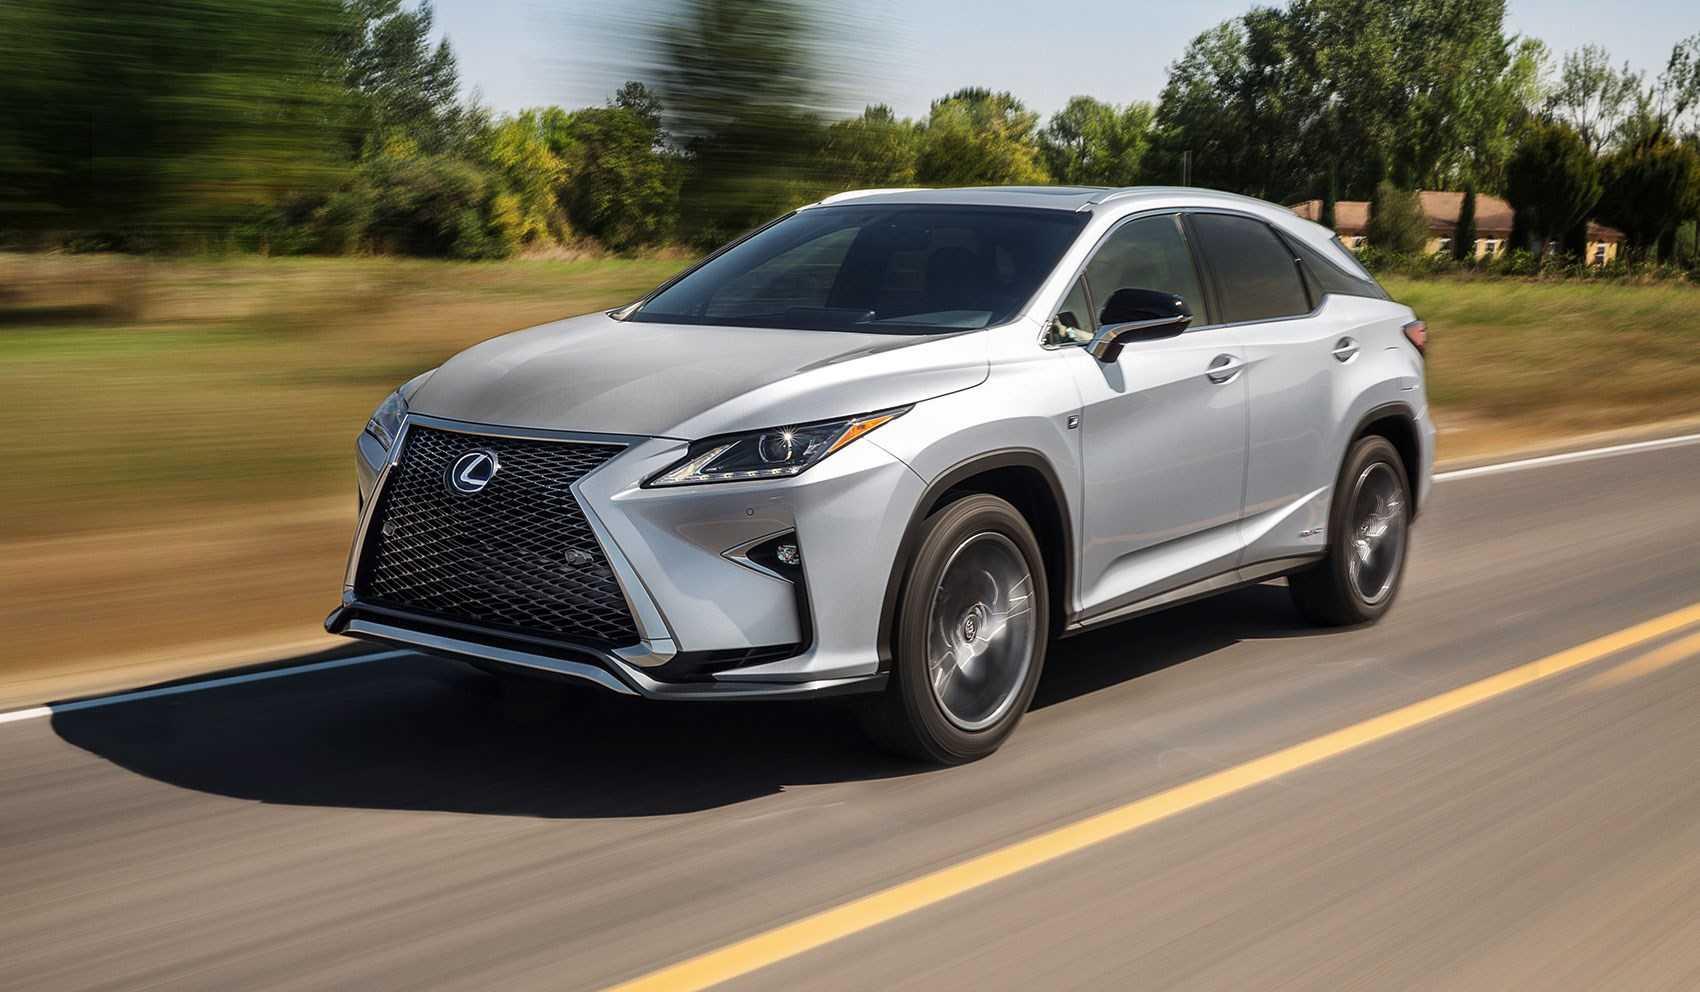 Lexus rx300 2020 в новом кузове комплектации и цены, технические характеристики, фото и видео